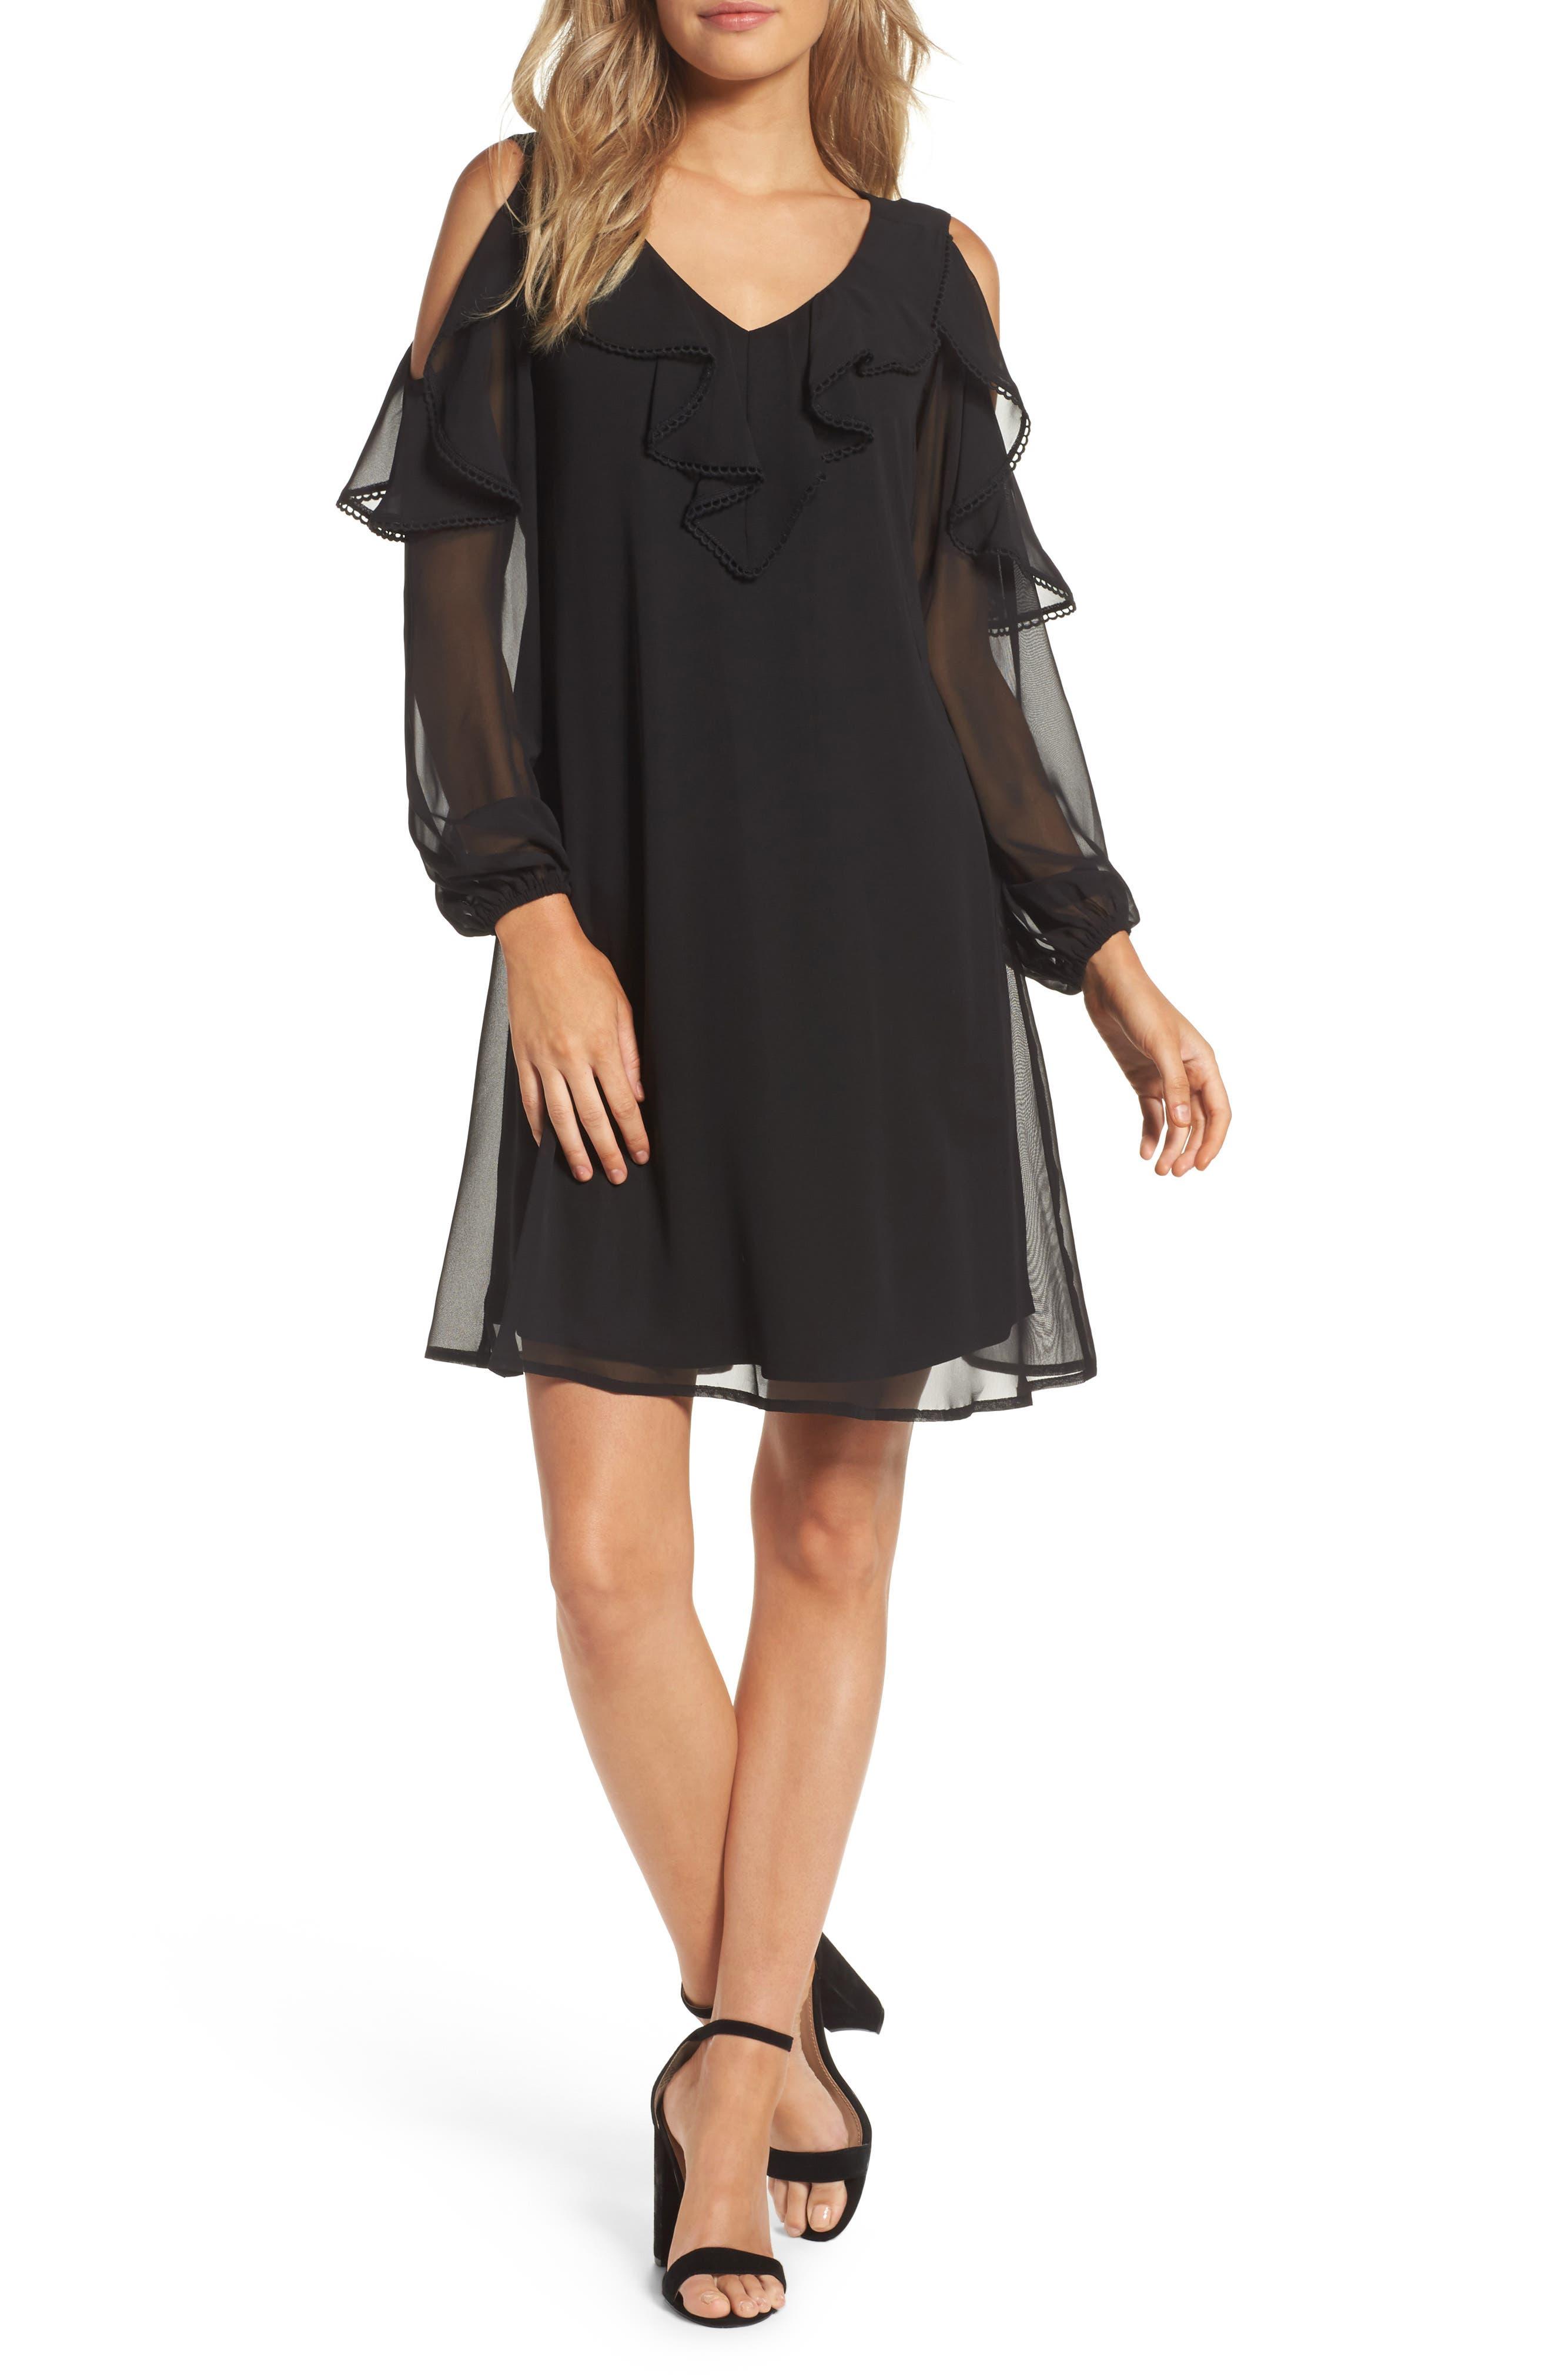 TAYLOR DRESSES Chiffon Cold Shoulder A-Line Dress, Main, color, 001